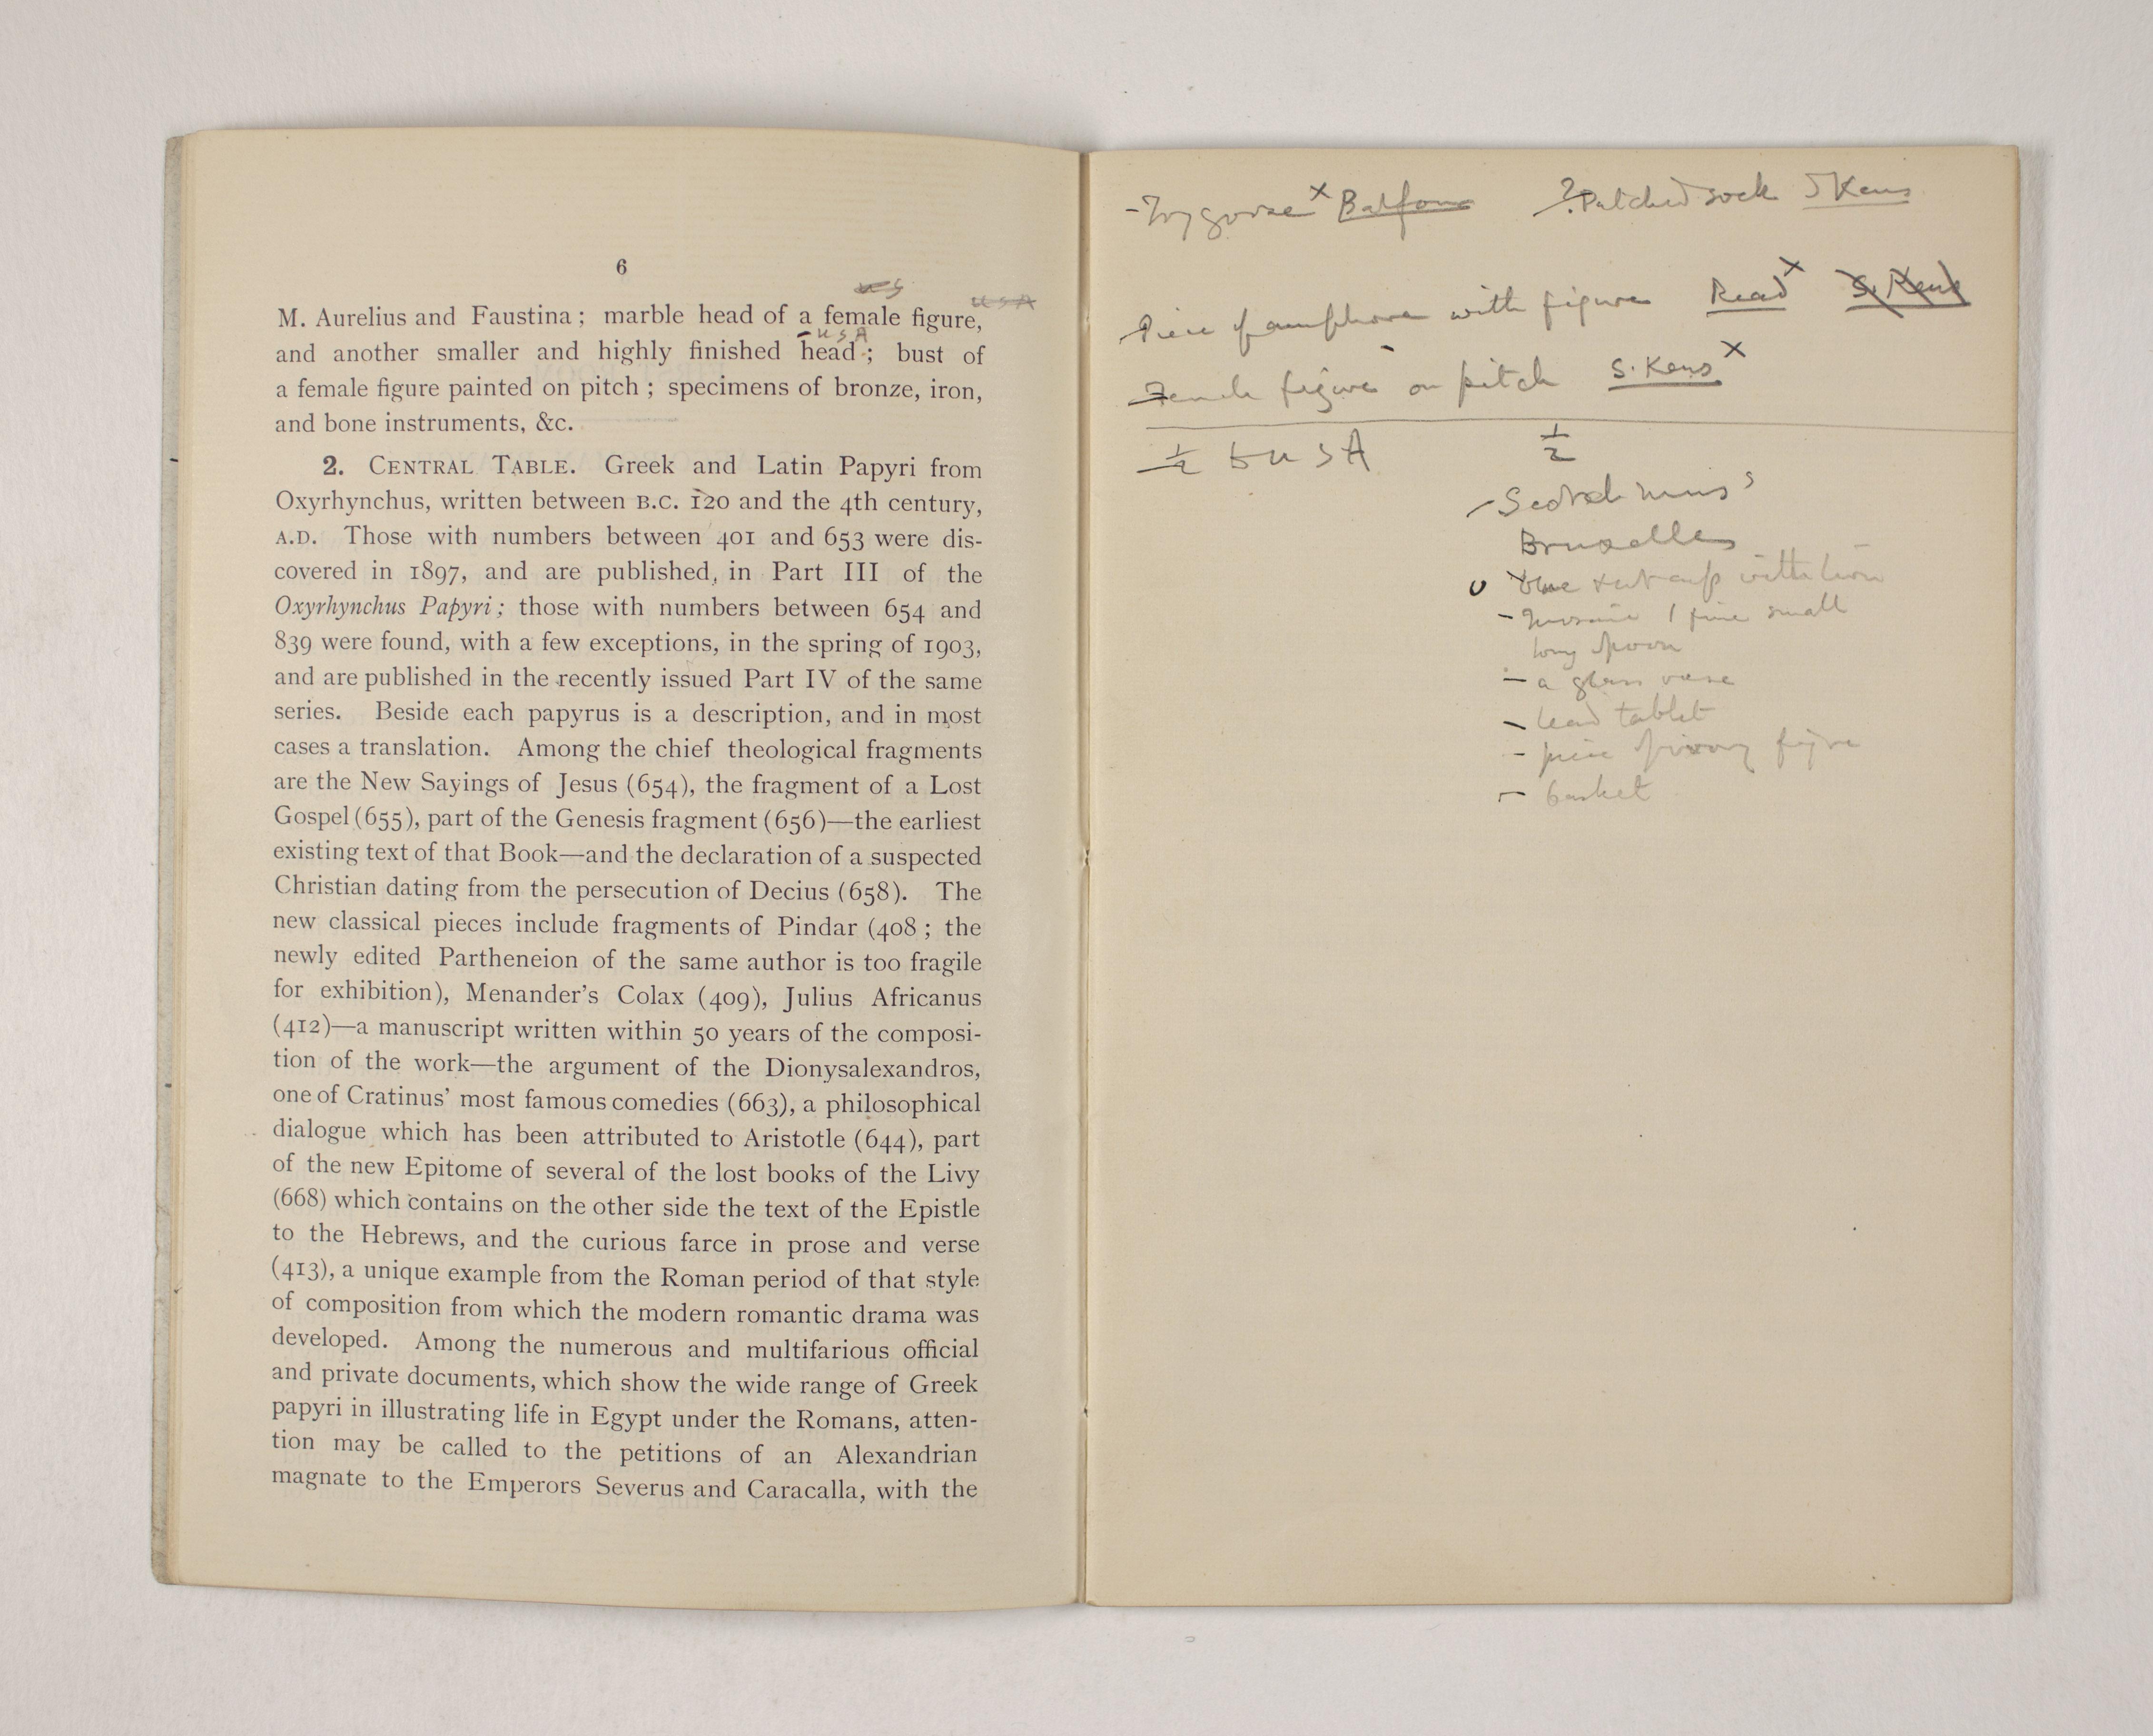 1903-04 Abydos, Ihnasya, Tell el-Fara'in, Saqqara, Gurob, Deir el-Bahri, Oxyrhynchus Exhibition Catalogue PMA/WFP1/D/12/12.8